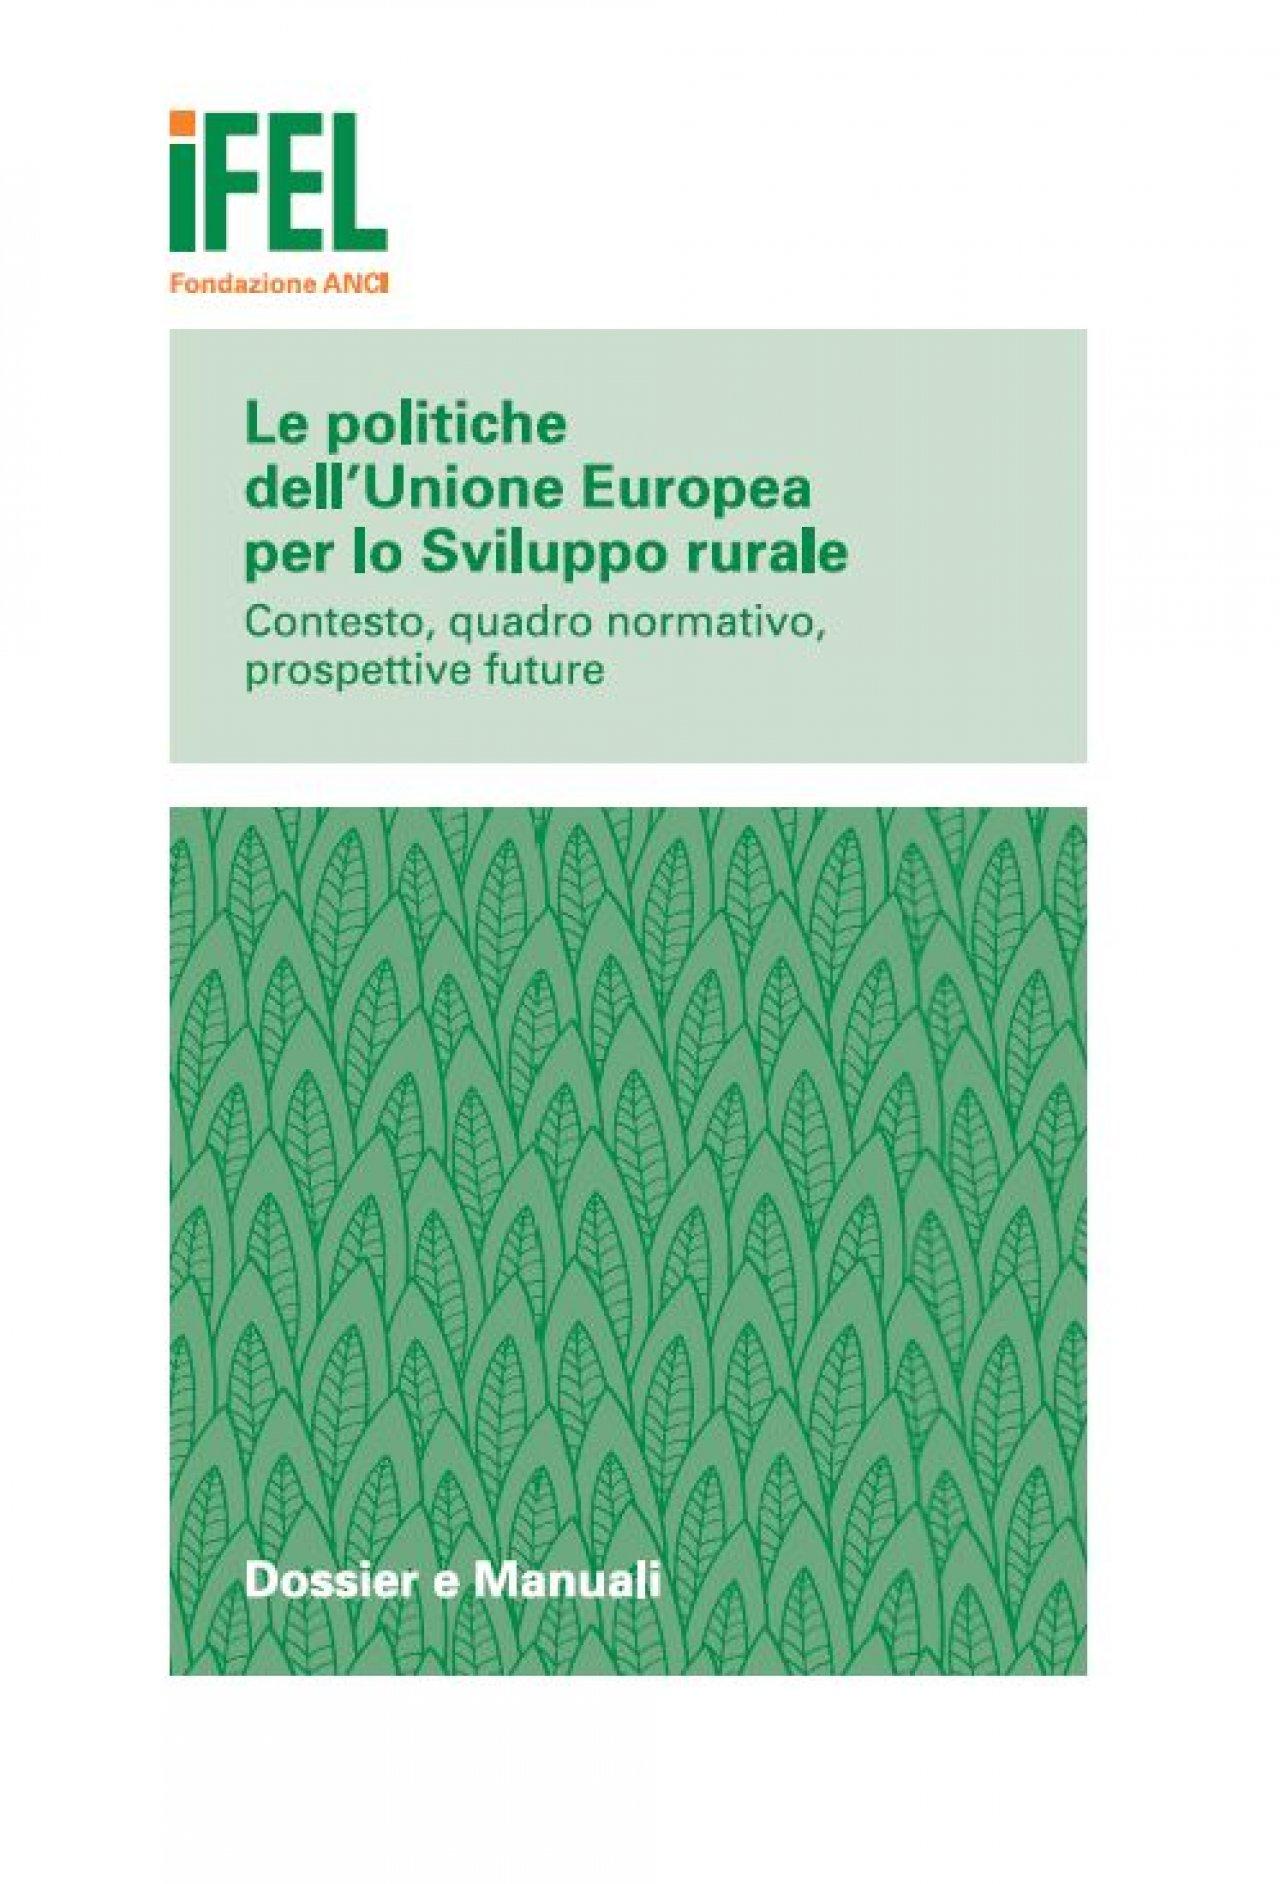 Le politiche dell'Unione Europea per lo Sviluppo rurale. Contesto, quadro normativo, prospettive future